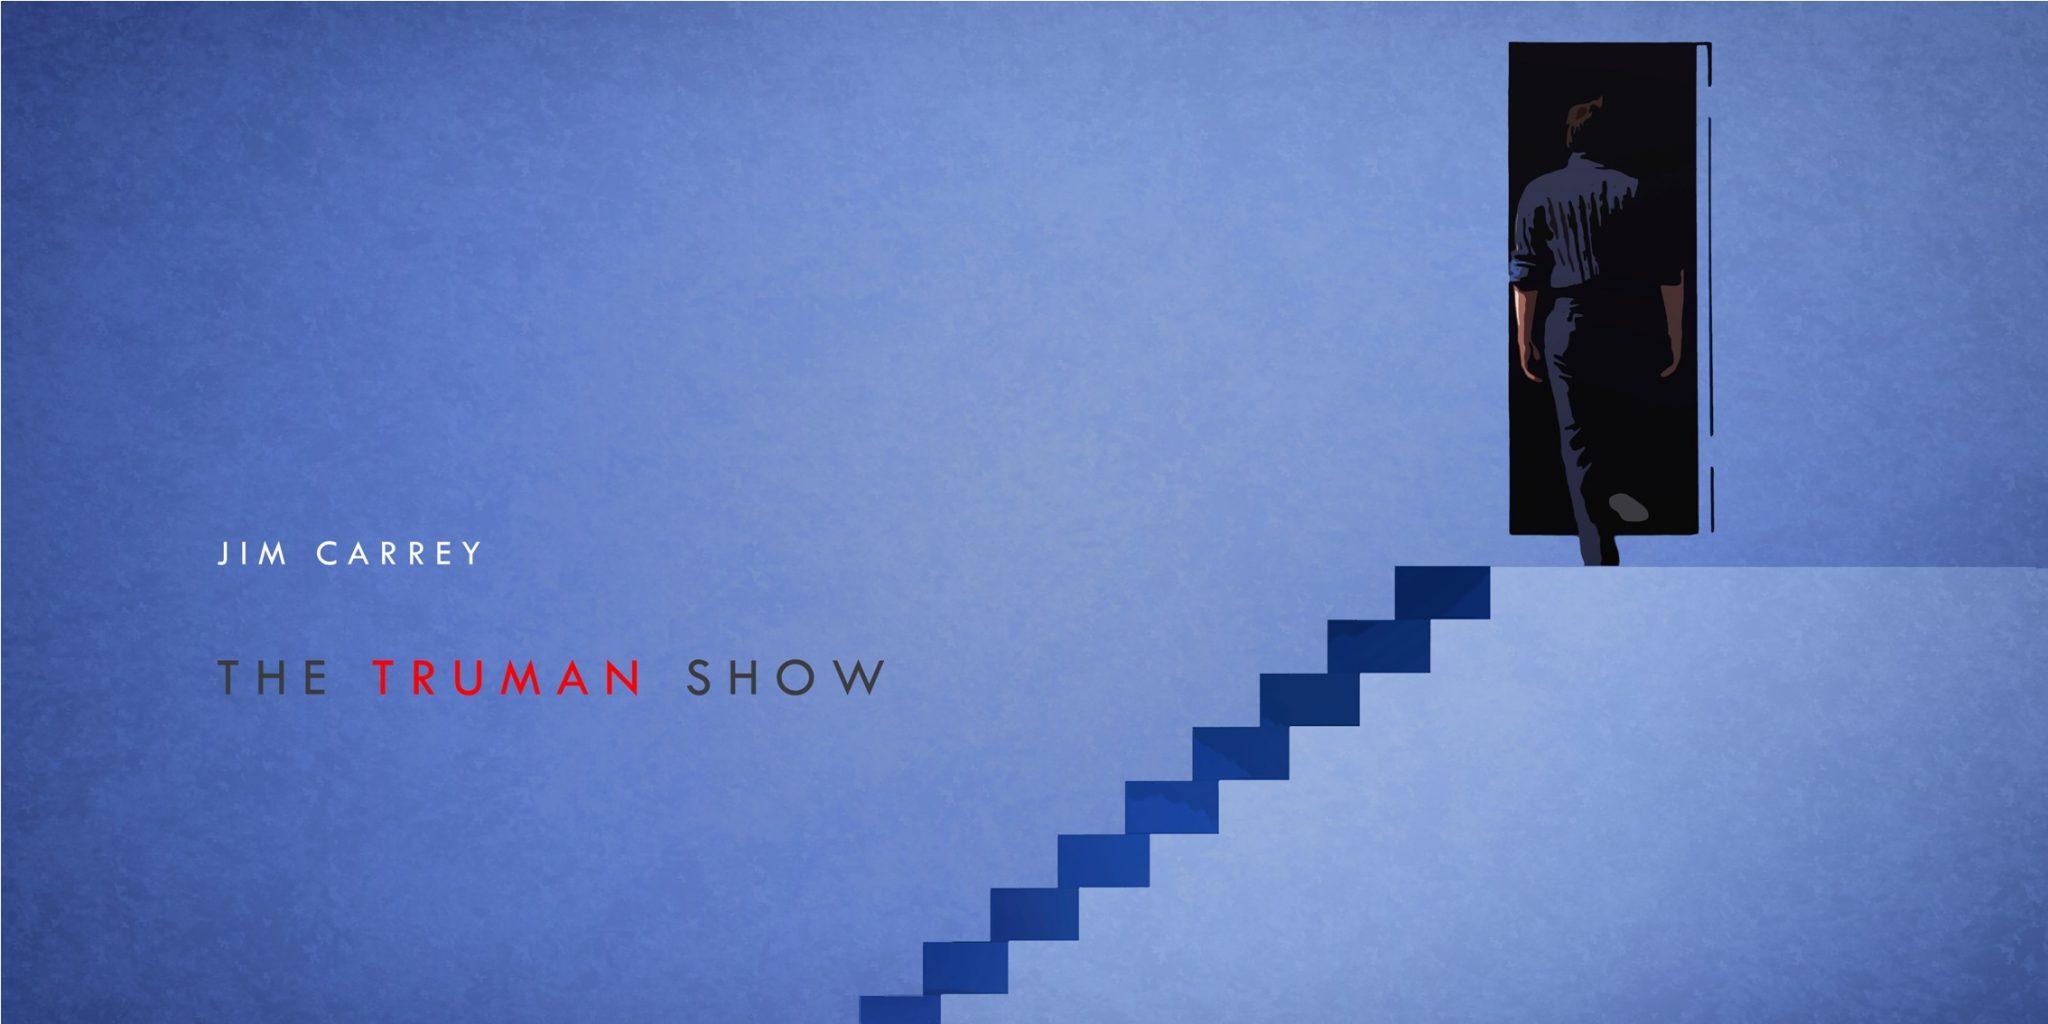 معرفی فیلم The Truman Show